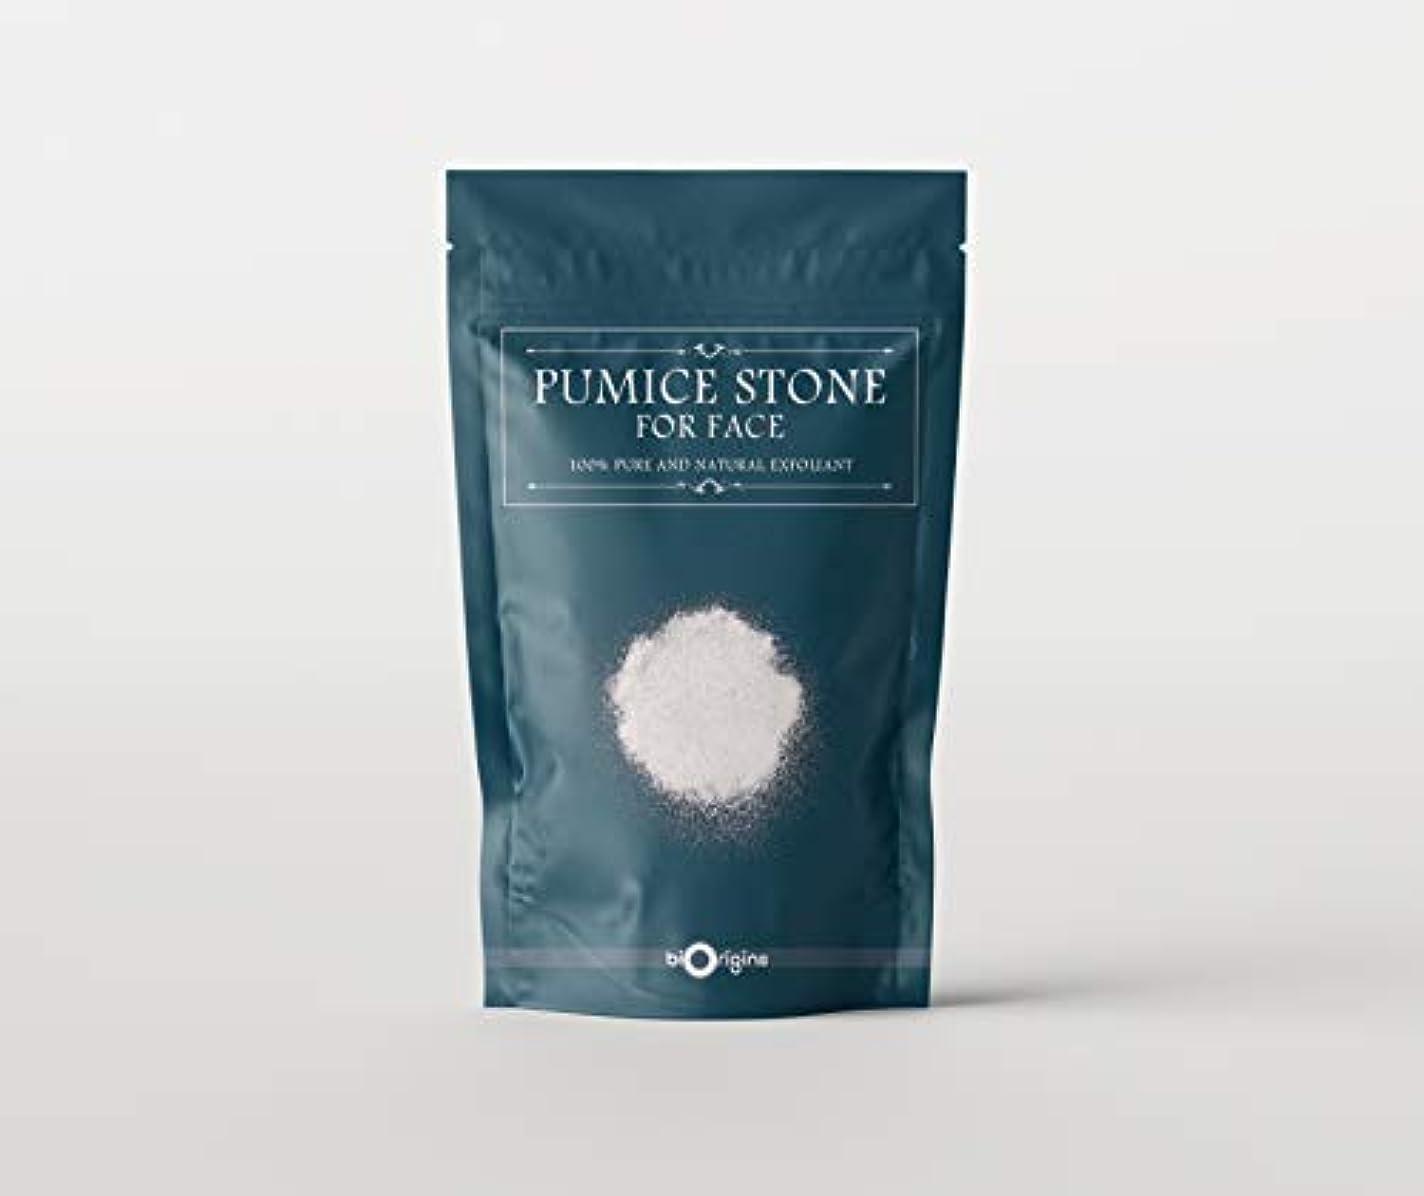 スケート実験ジャンクPumice Stone Superfine For Face Exfoliant 1Kg